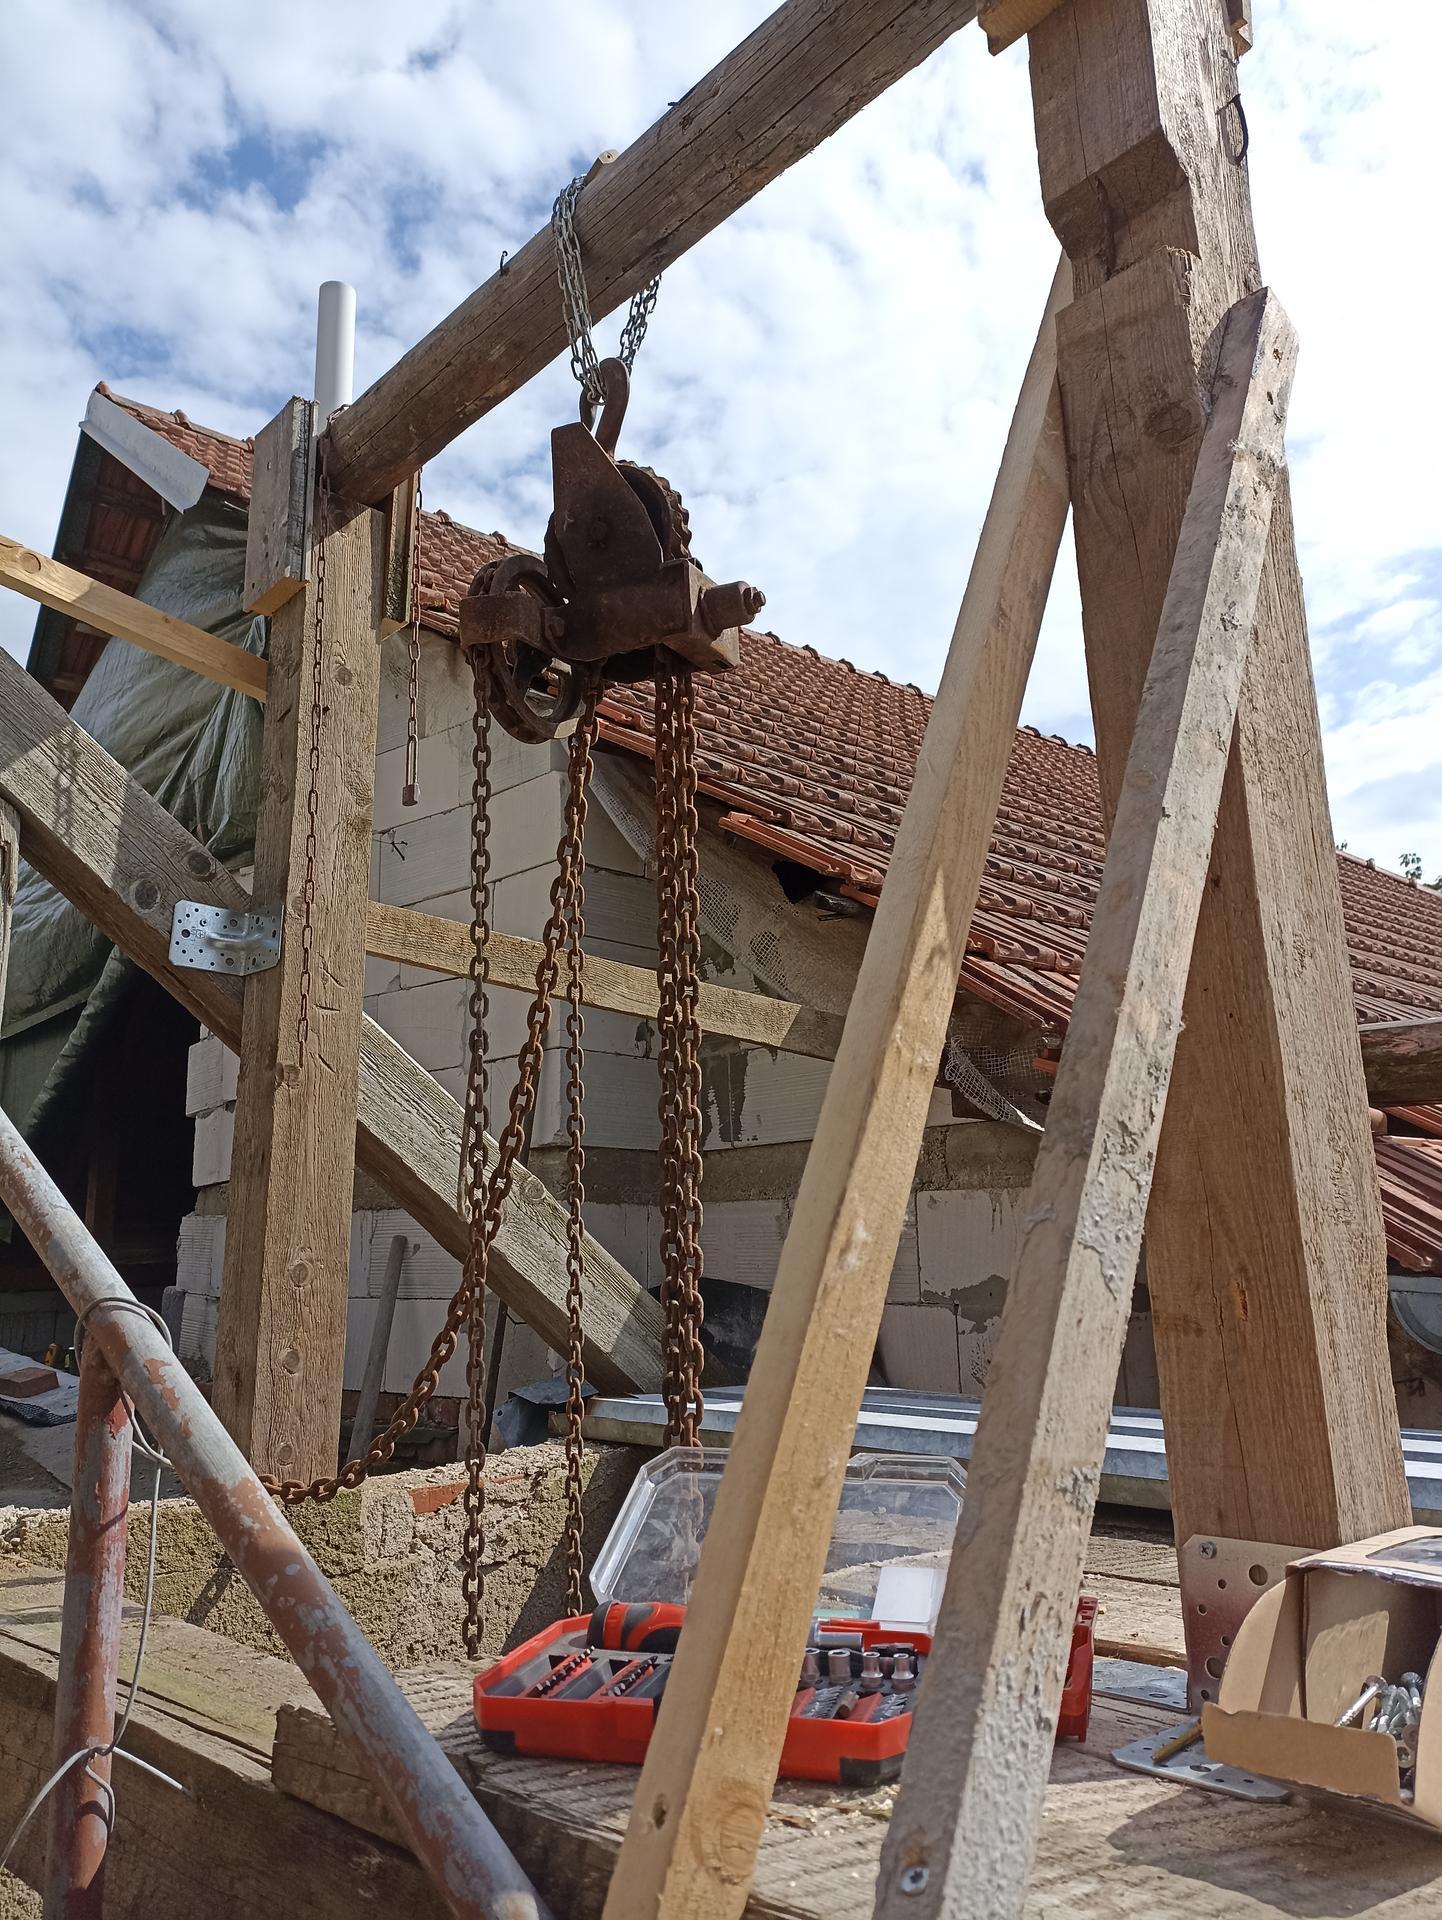 Spodní dvůr - Úkol zněl přišroubovat kladku k nějakýmu trámu a kámoš postavil tohle 😀